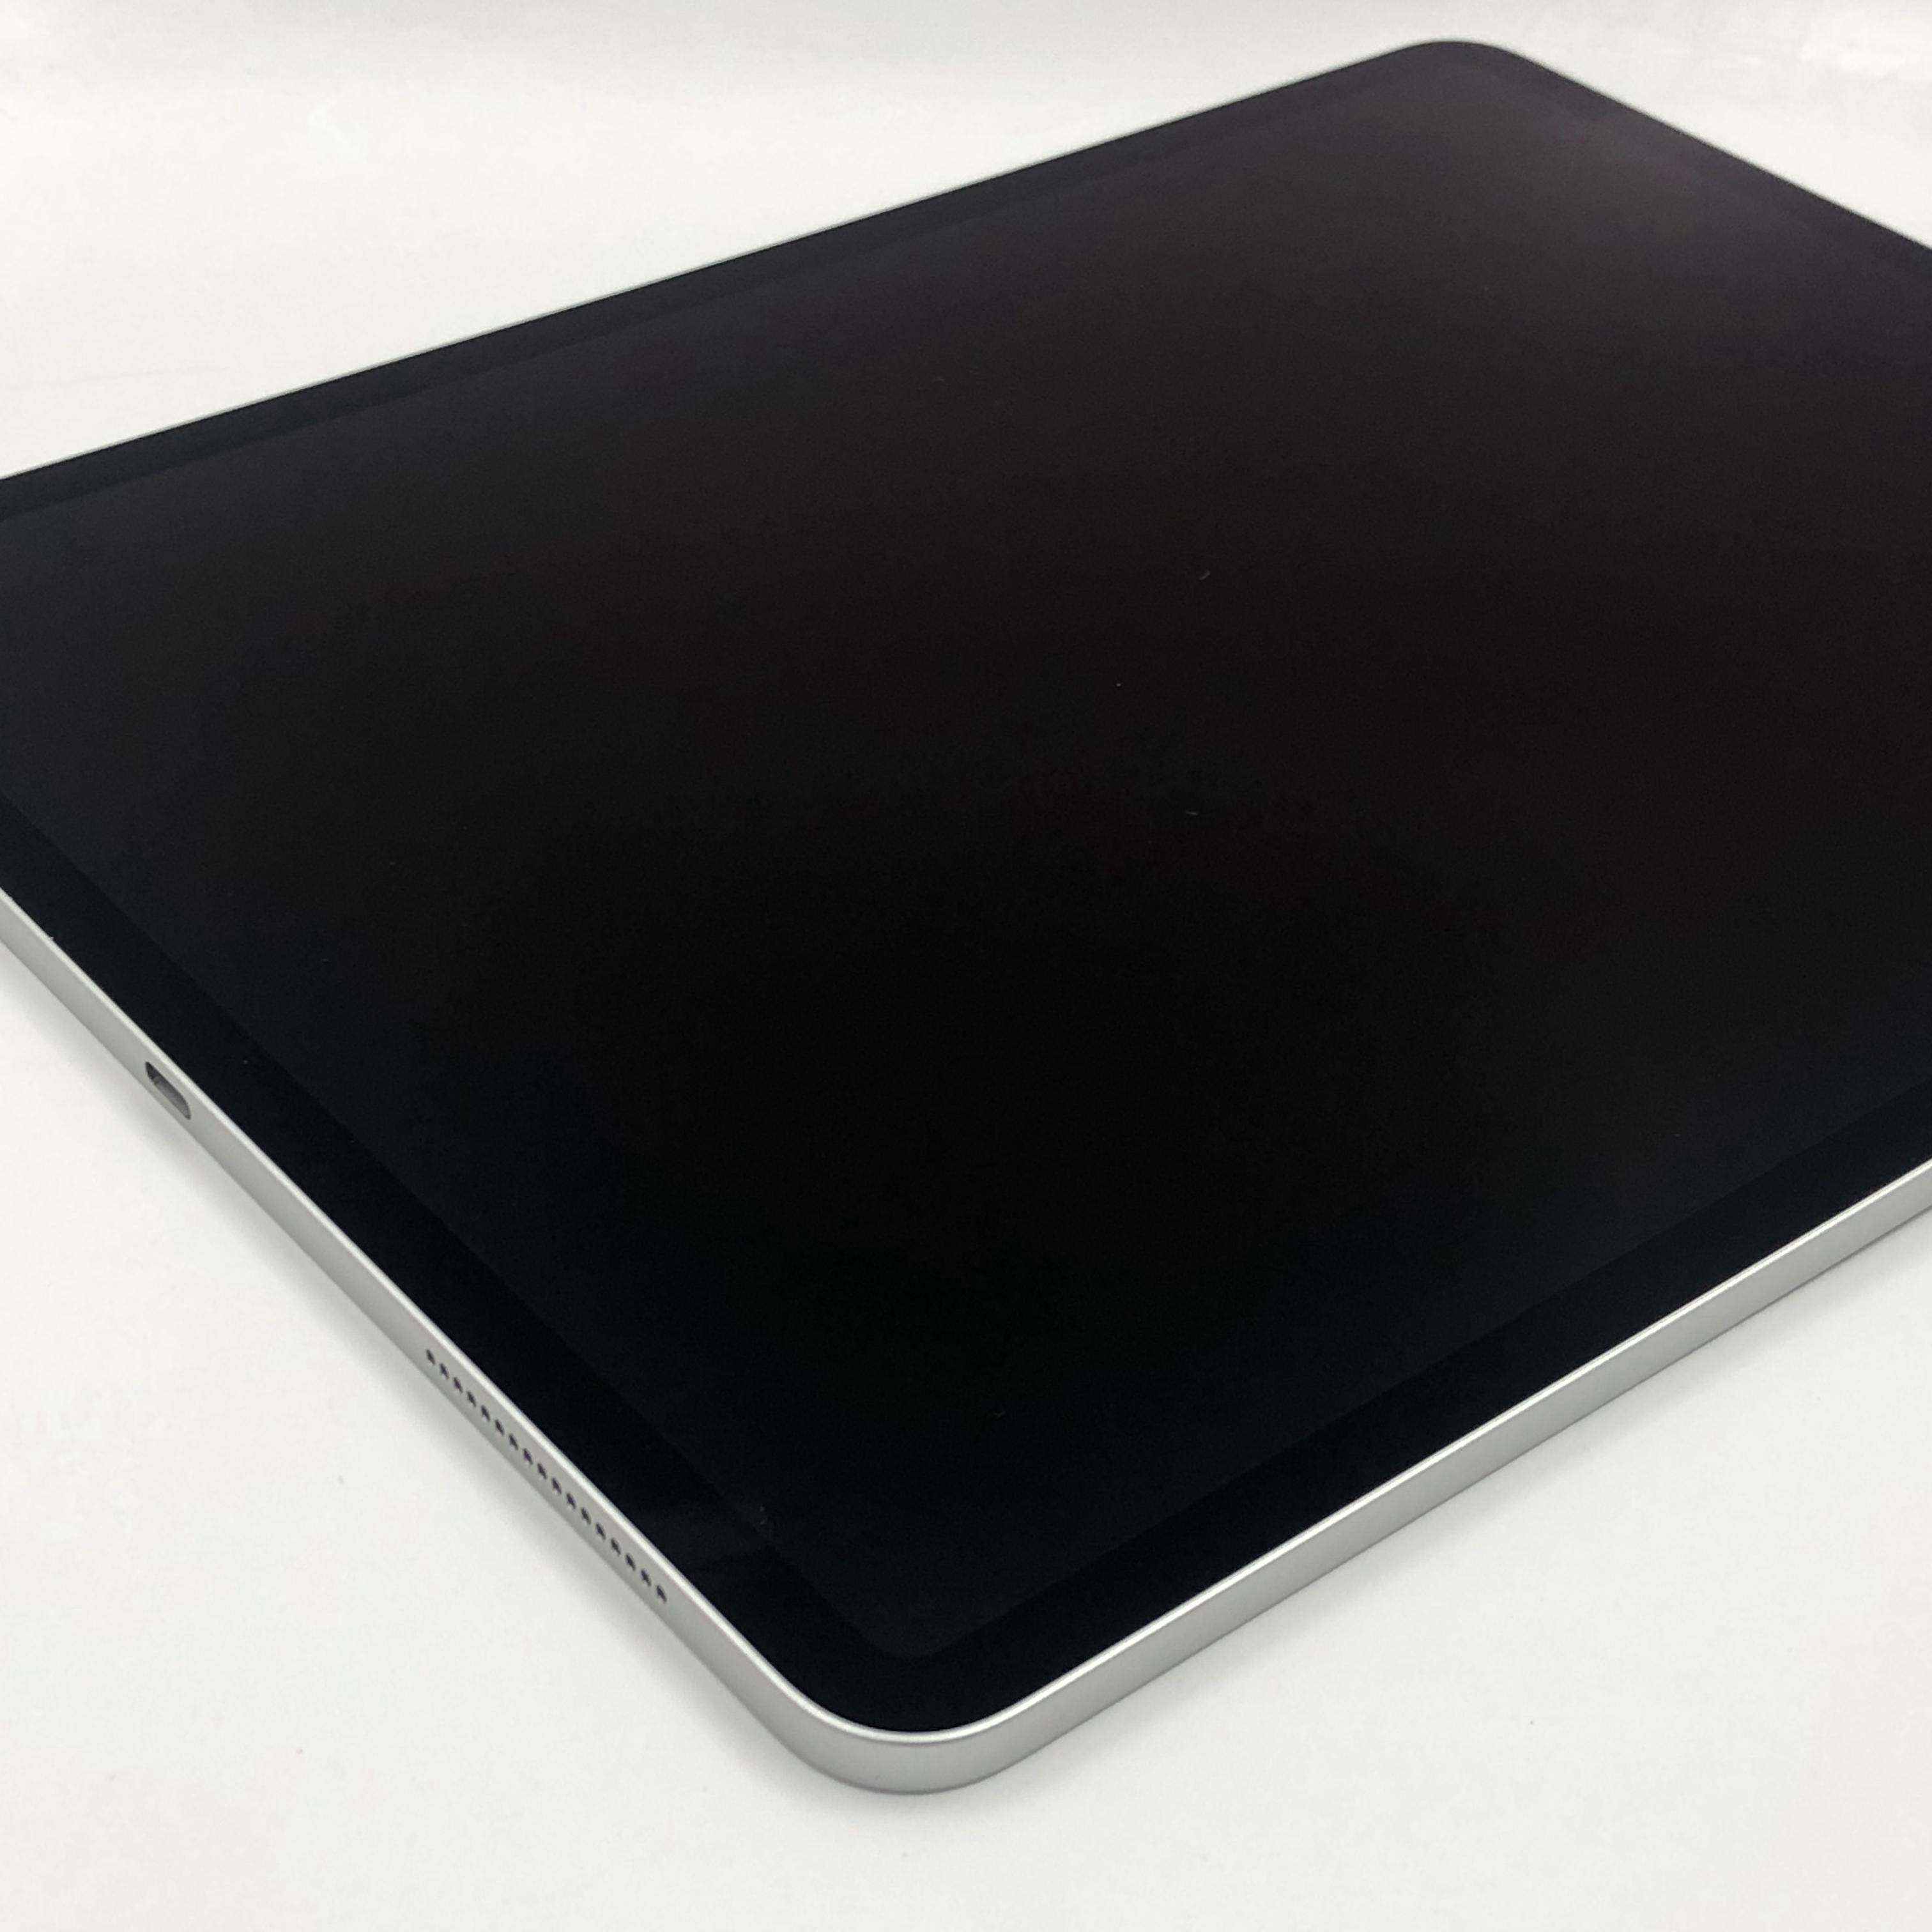 苹果【iPad Pro 12.9英寸 20款】WIFI版 银色 128G 国行 99新 真机实拍保修2022-04-27